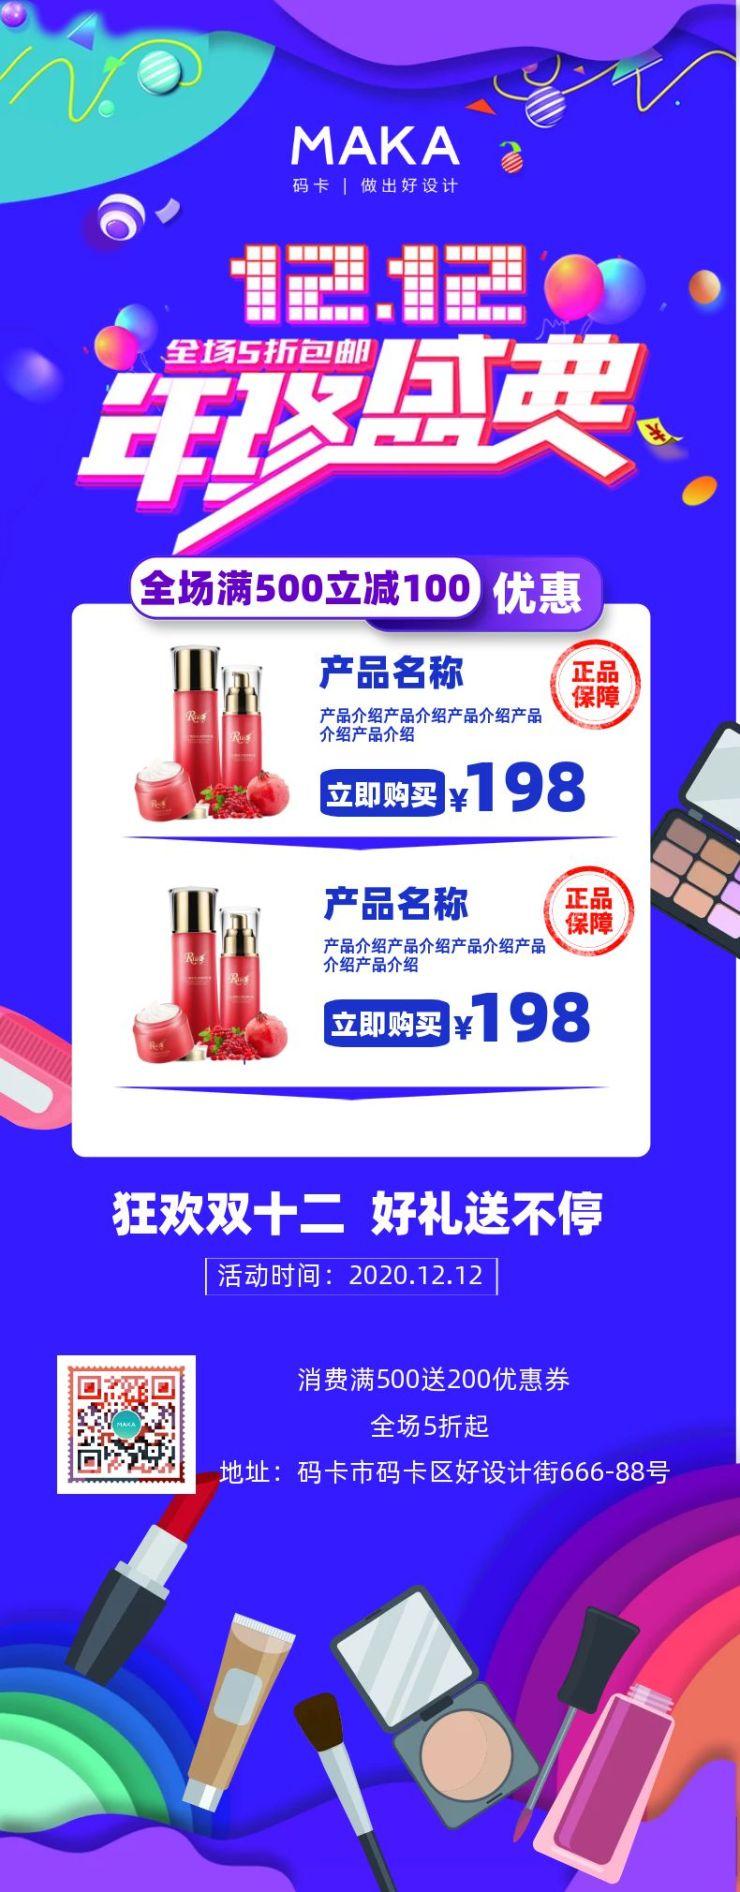 时尚炫酷双十二年终钜惠电商促销活动长图文